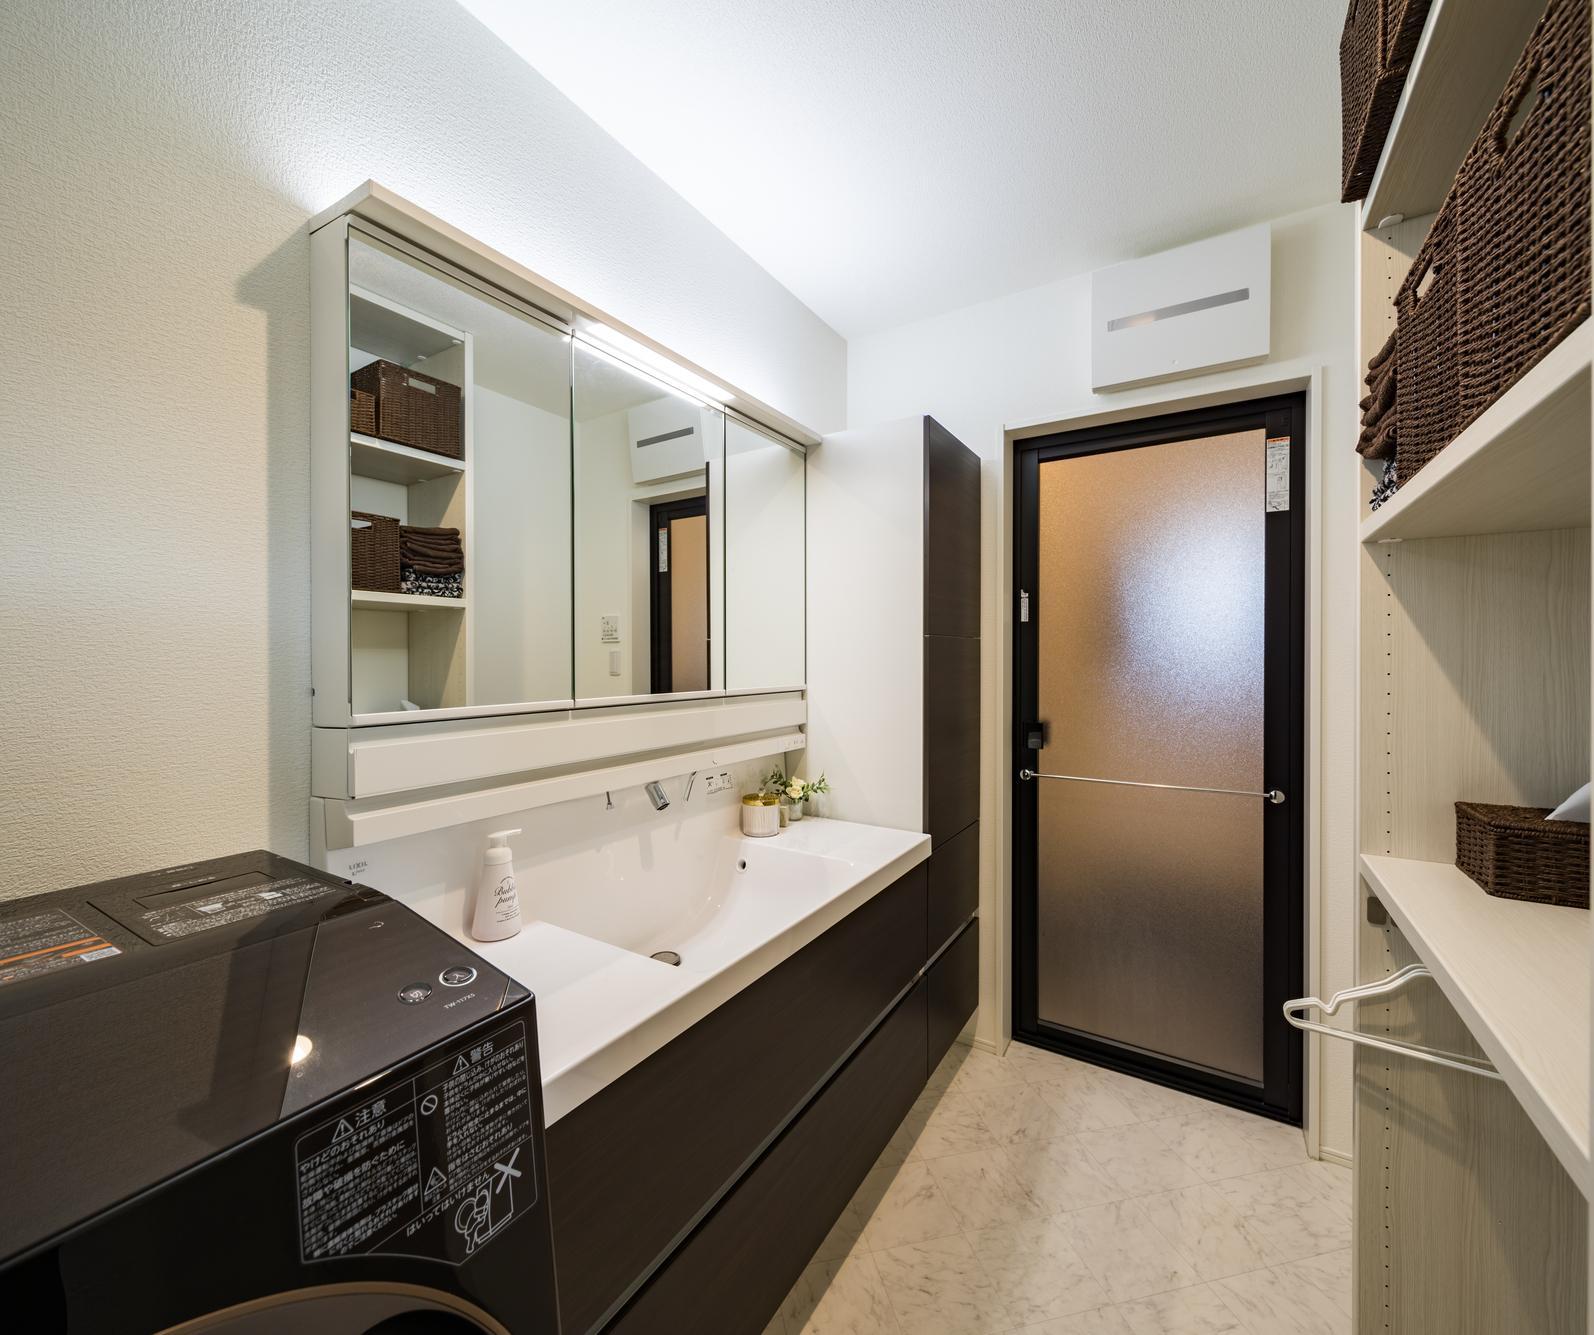 横に広く、使い勝手が良さそうな洗面台。洗面脱衣所に棚を造作し、収納力も確保